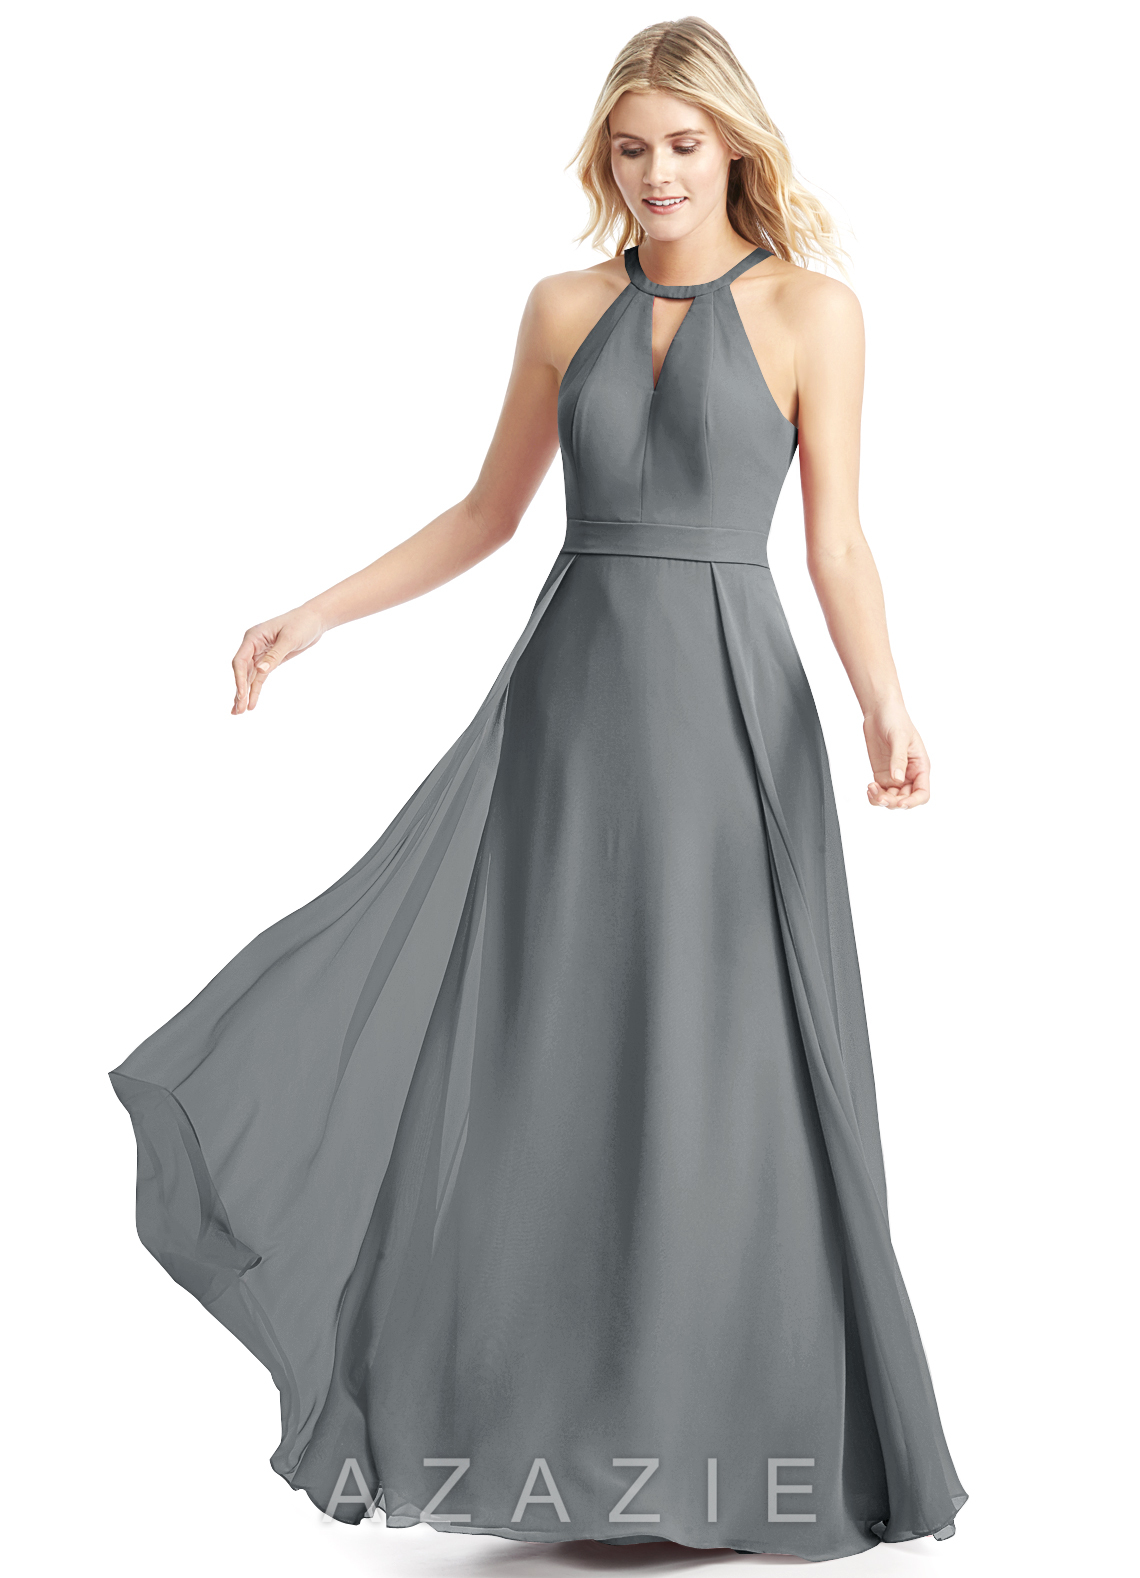 Azazie melody bridesmaid dress azazie for Gray dresses to wear to a wedding